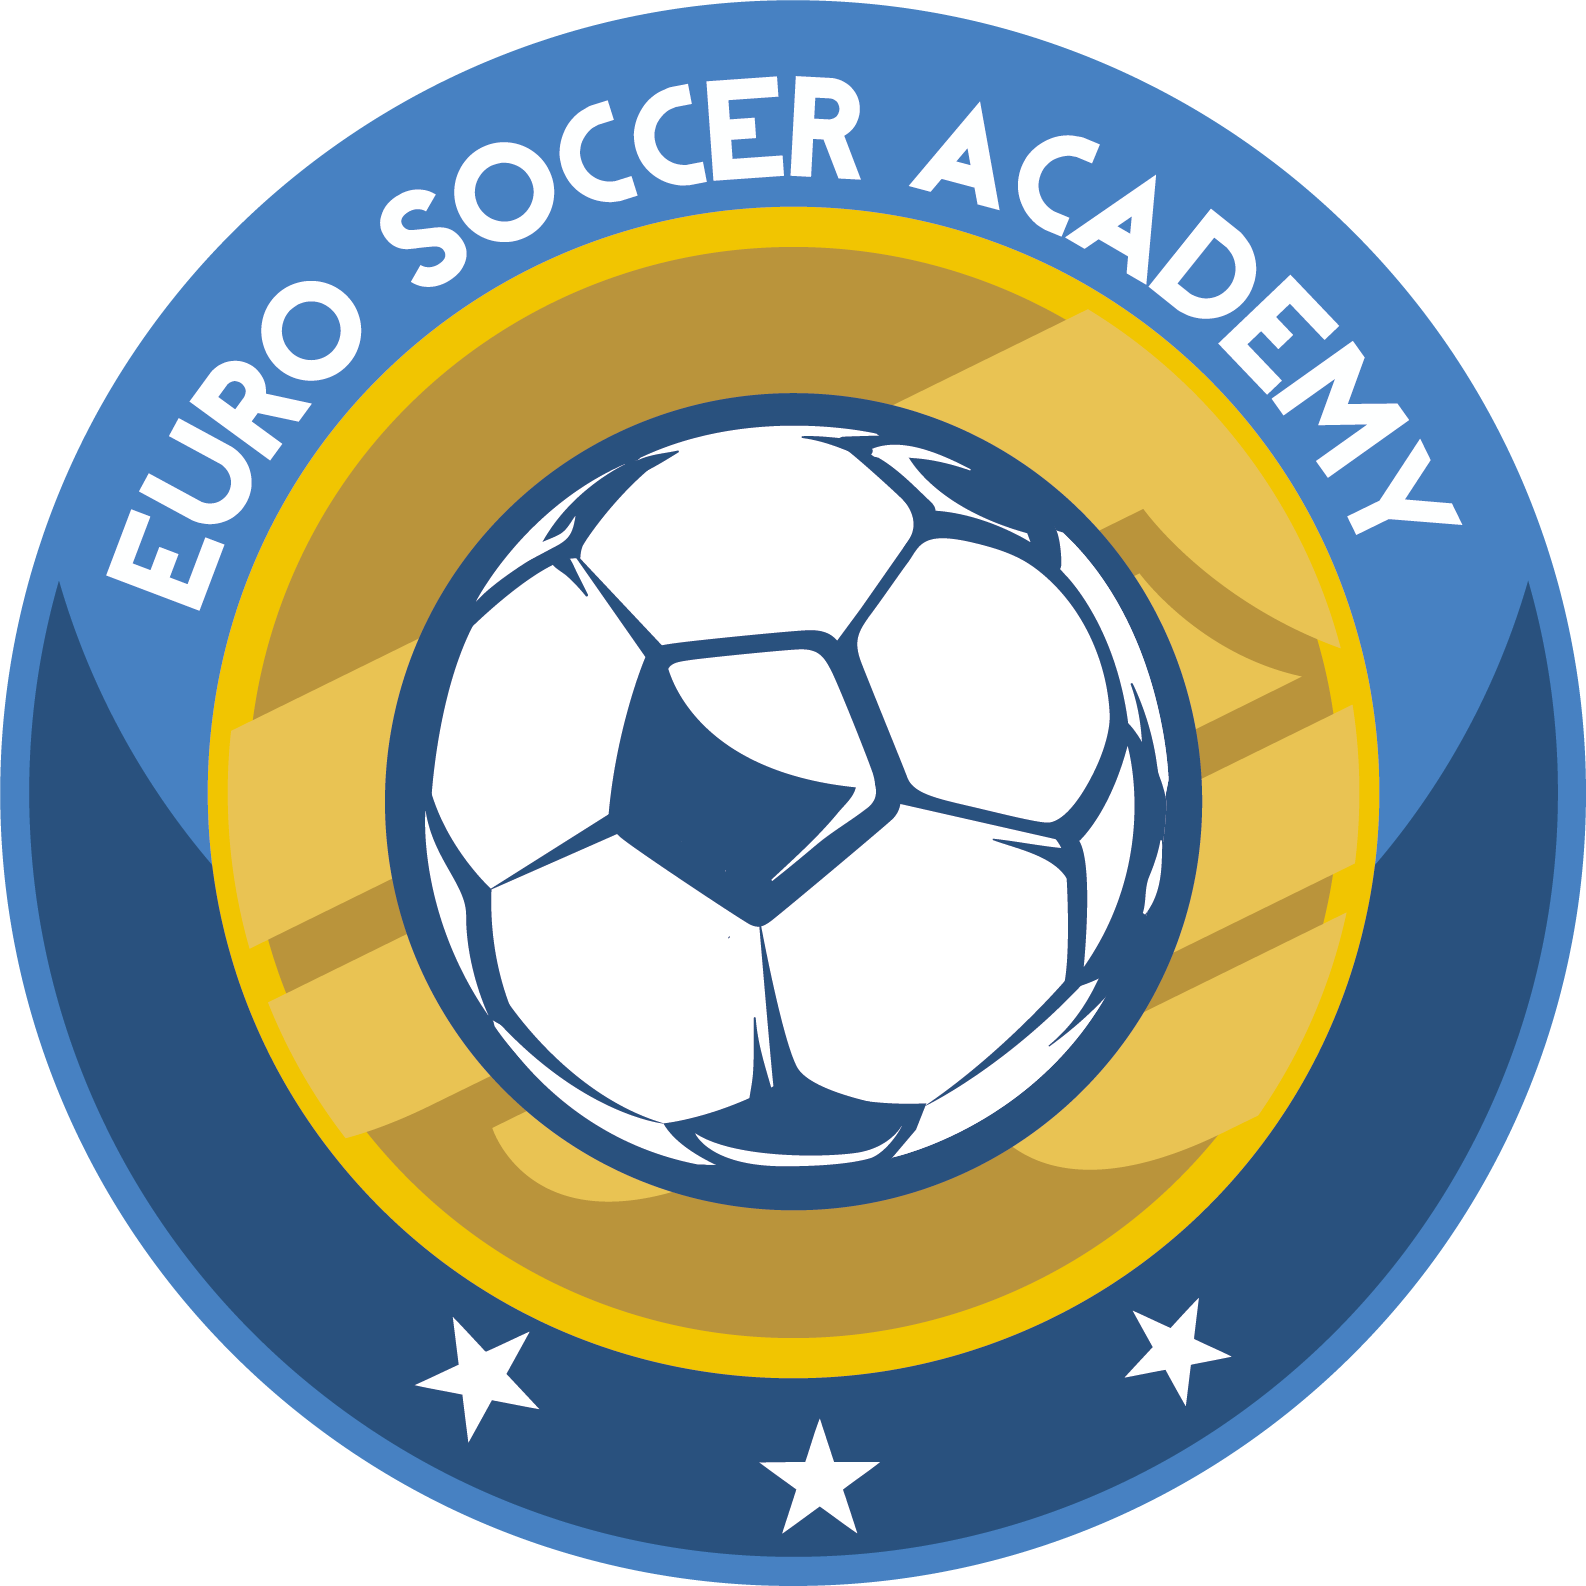 Euro Soccer Academy